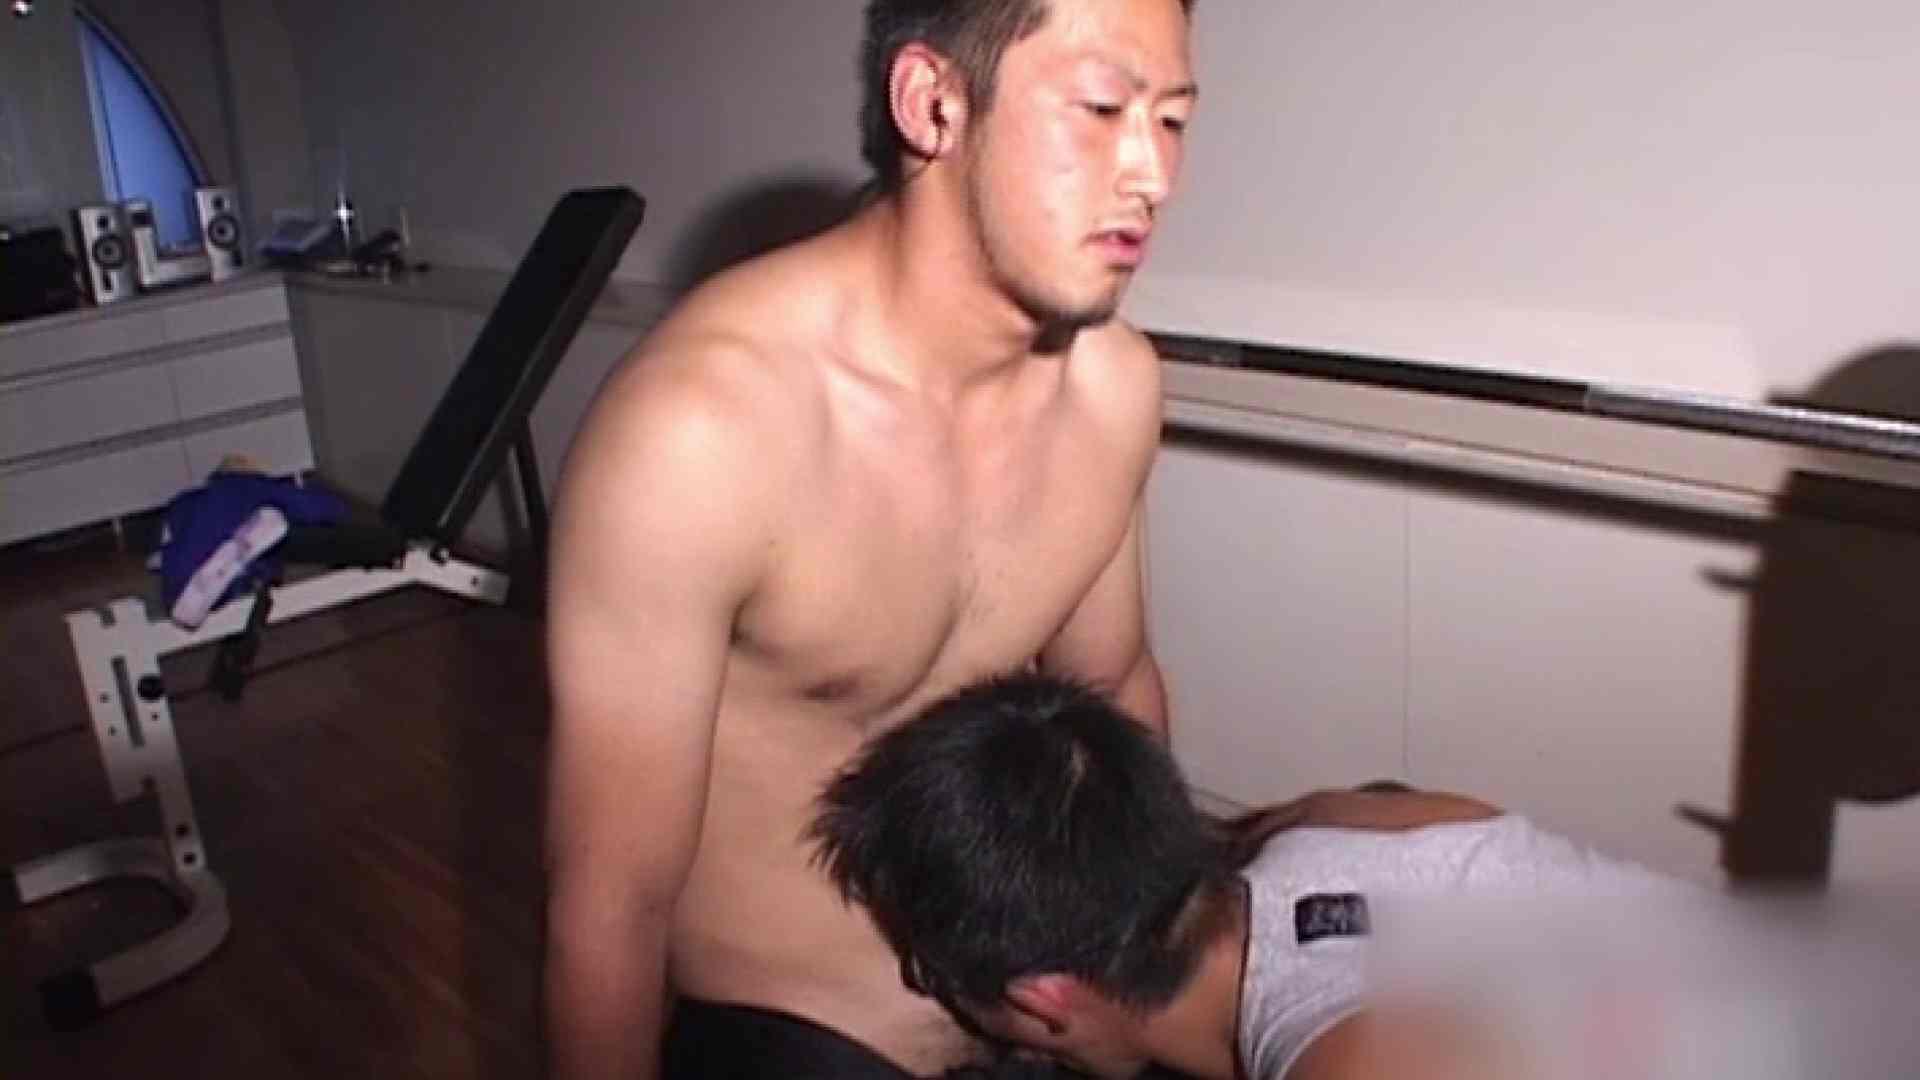 珍肉も筋肉の内!!vol.1 アナル舐めて ゲイエロ動画 86枚 52